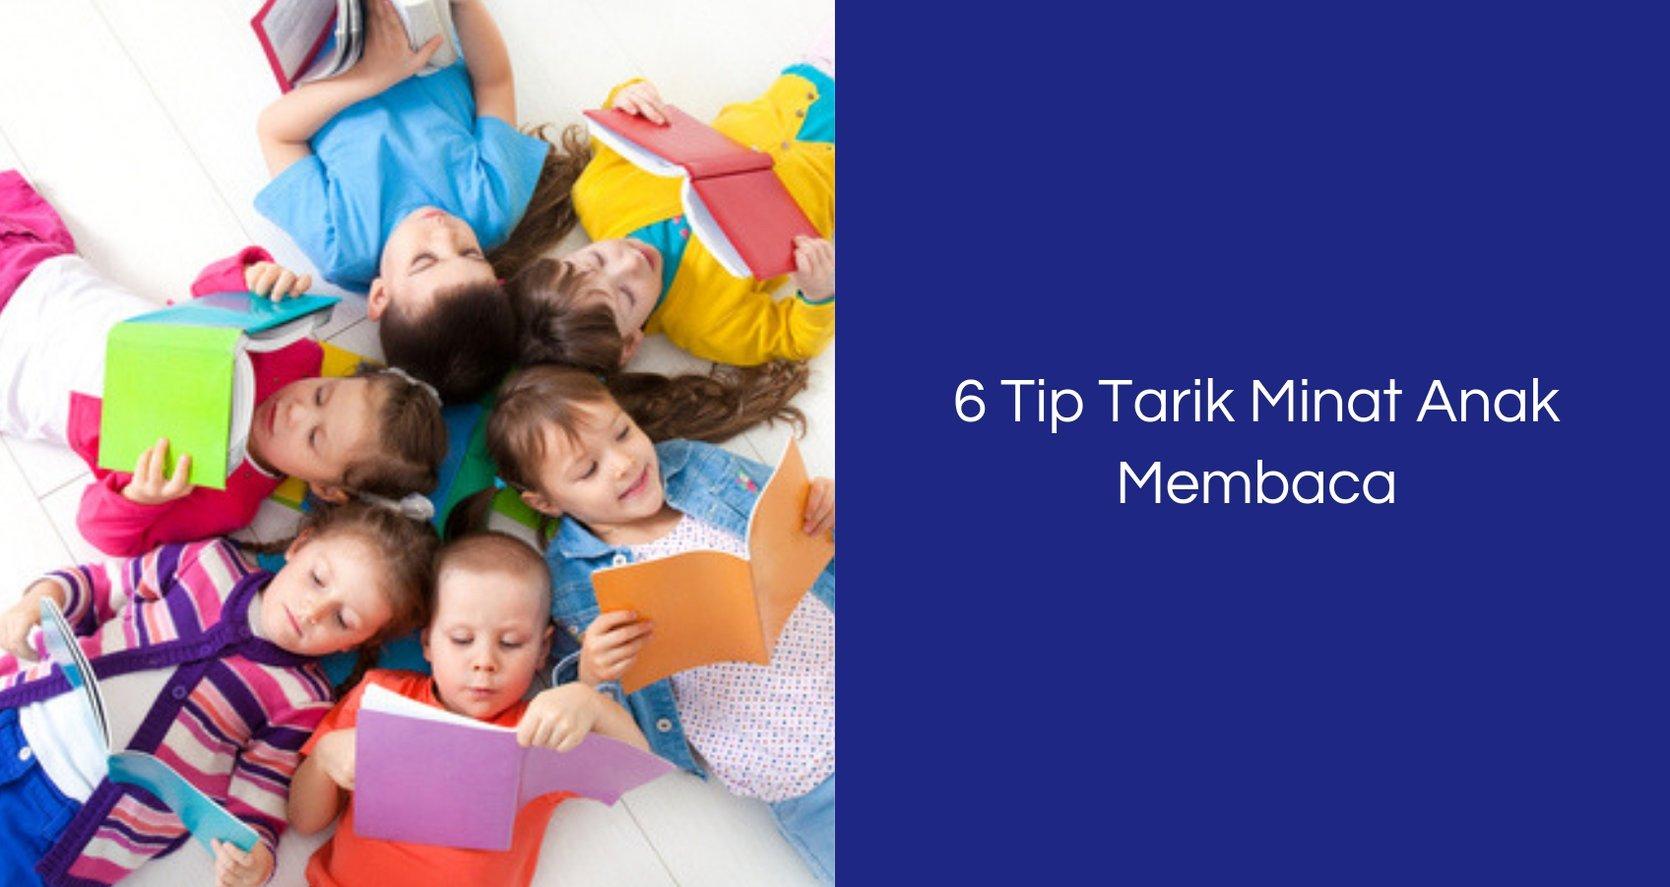 6 Tip Untuk Tarik Minat Anak Membaca